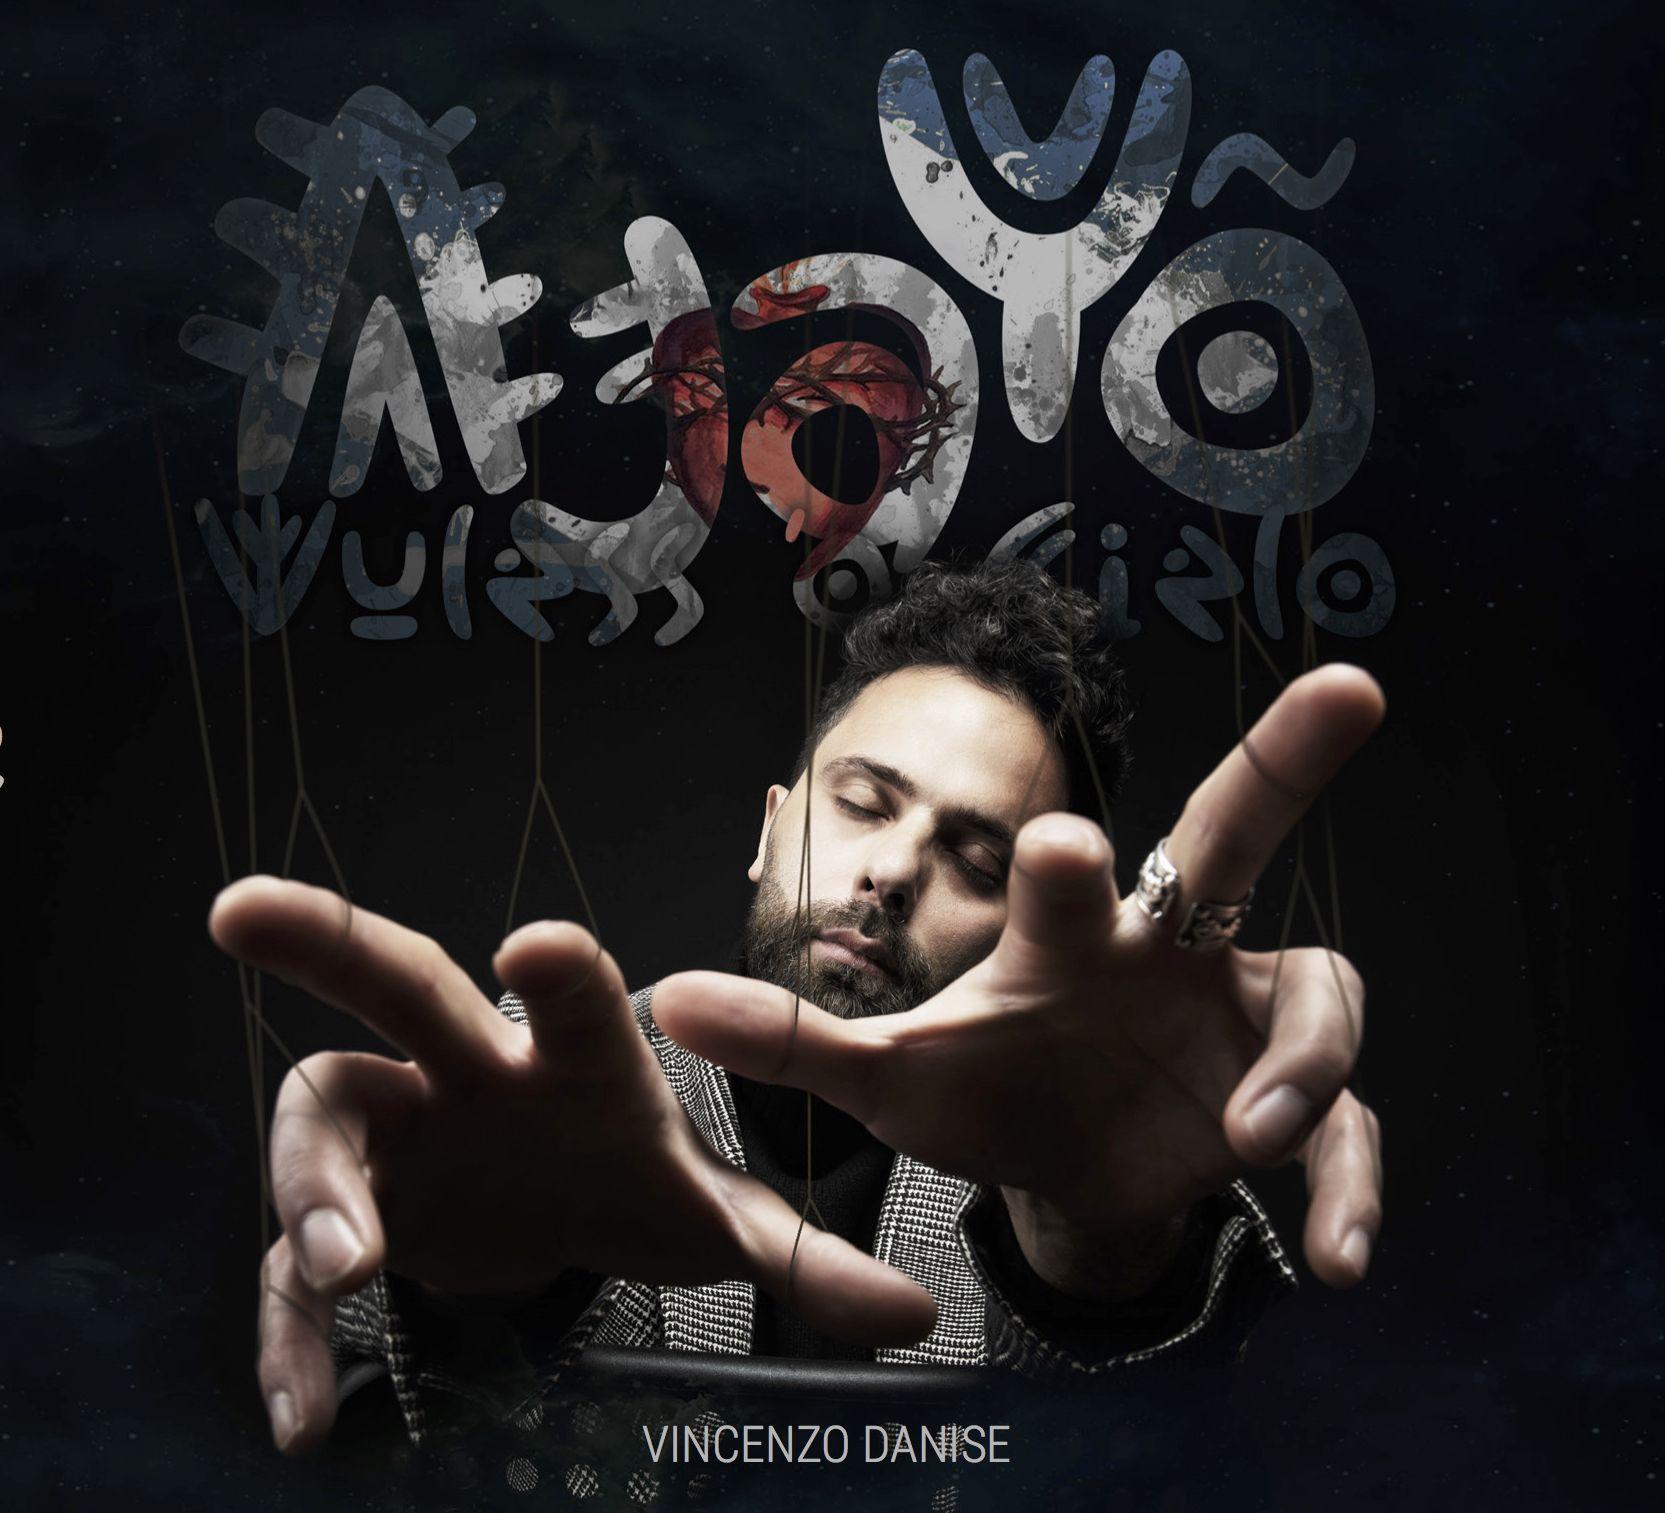 """VINCENZO DANISE- Oggi esce il nuovo disco piano solo del musicista jazz napoletano, dal titolo """"AJAYÕ – VULESS' 'O 'CIELO"""""""